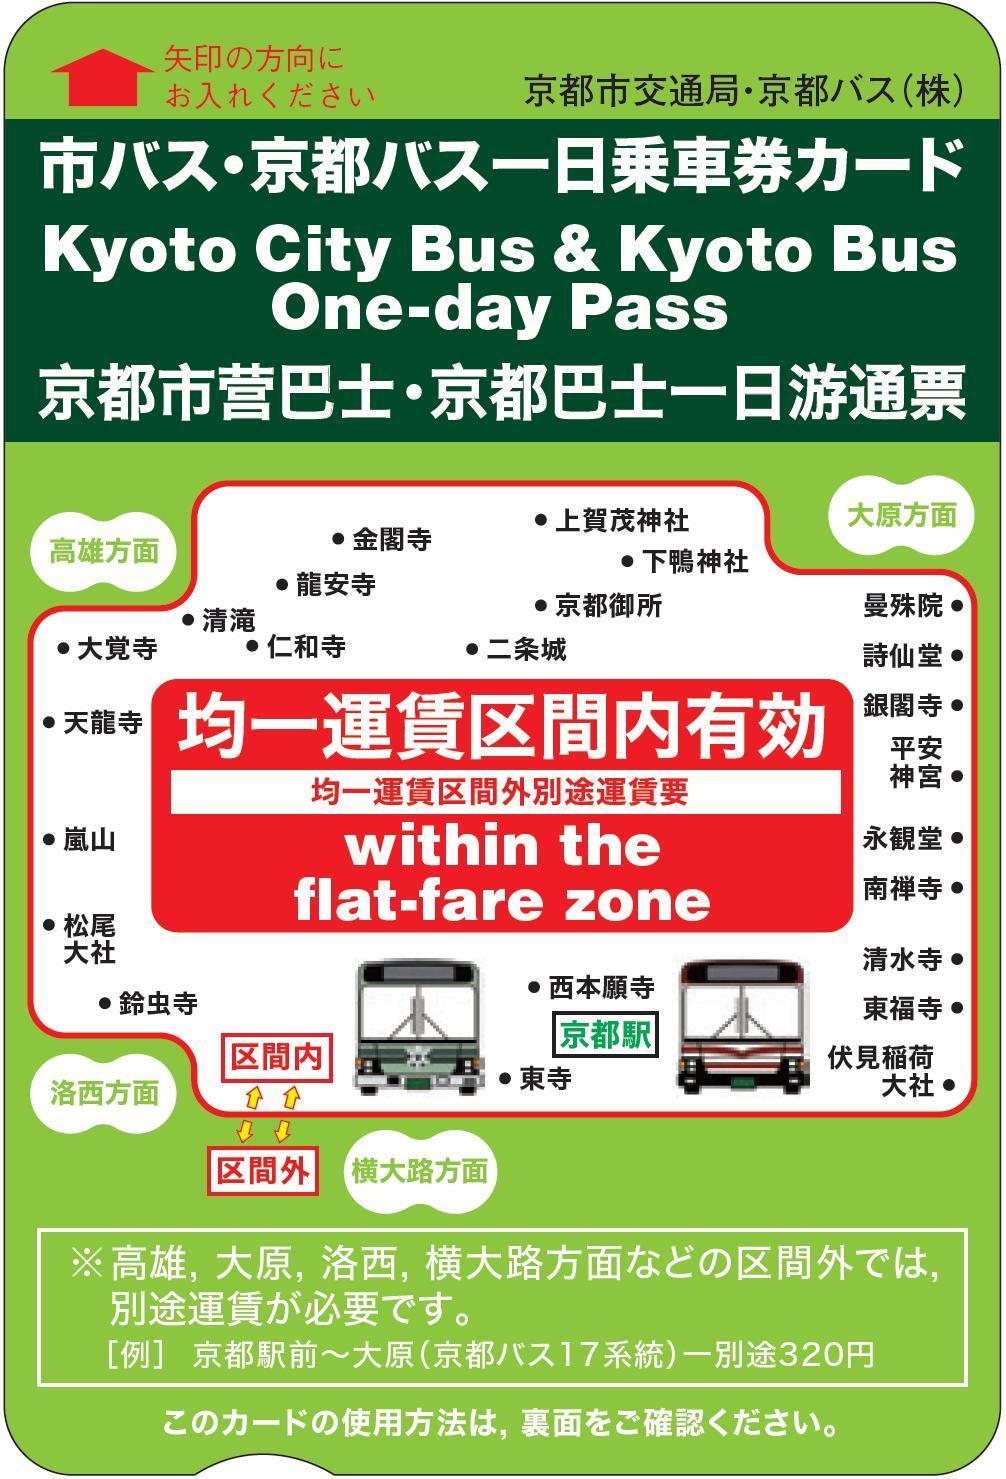 京都観光で知らない人はいない!!【お得に】回れる、京都のバスの乗車券